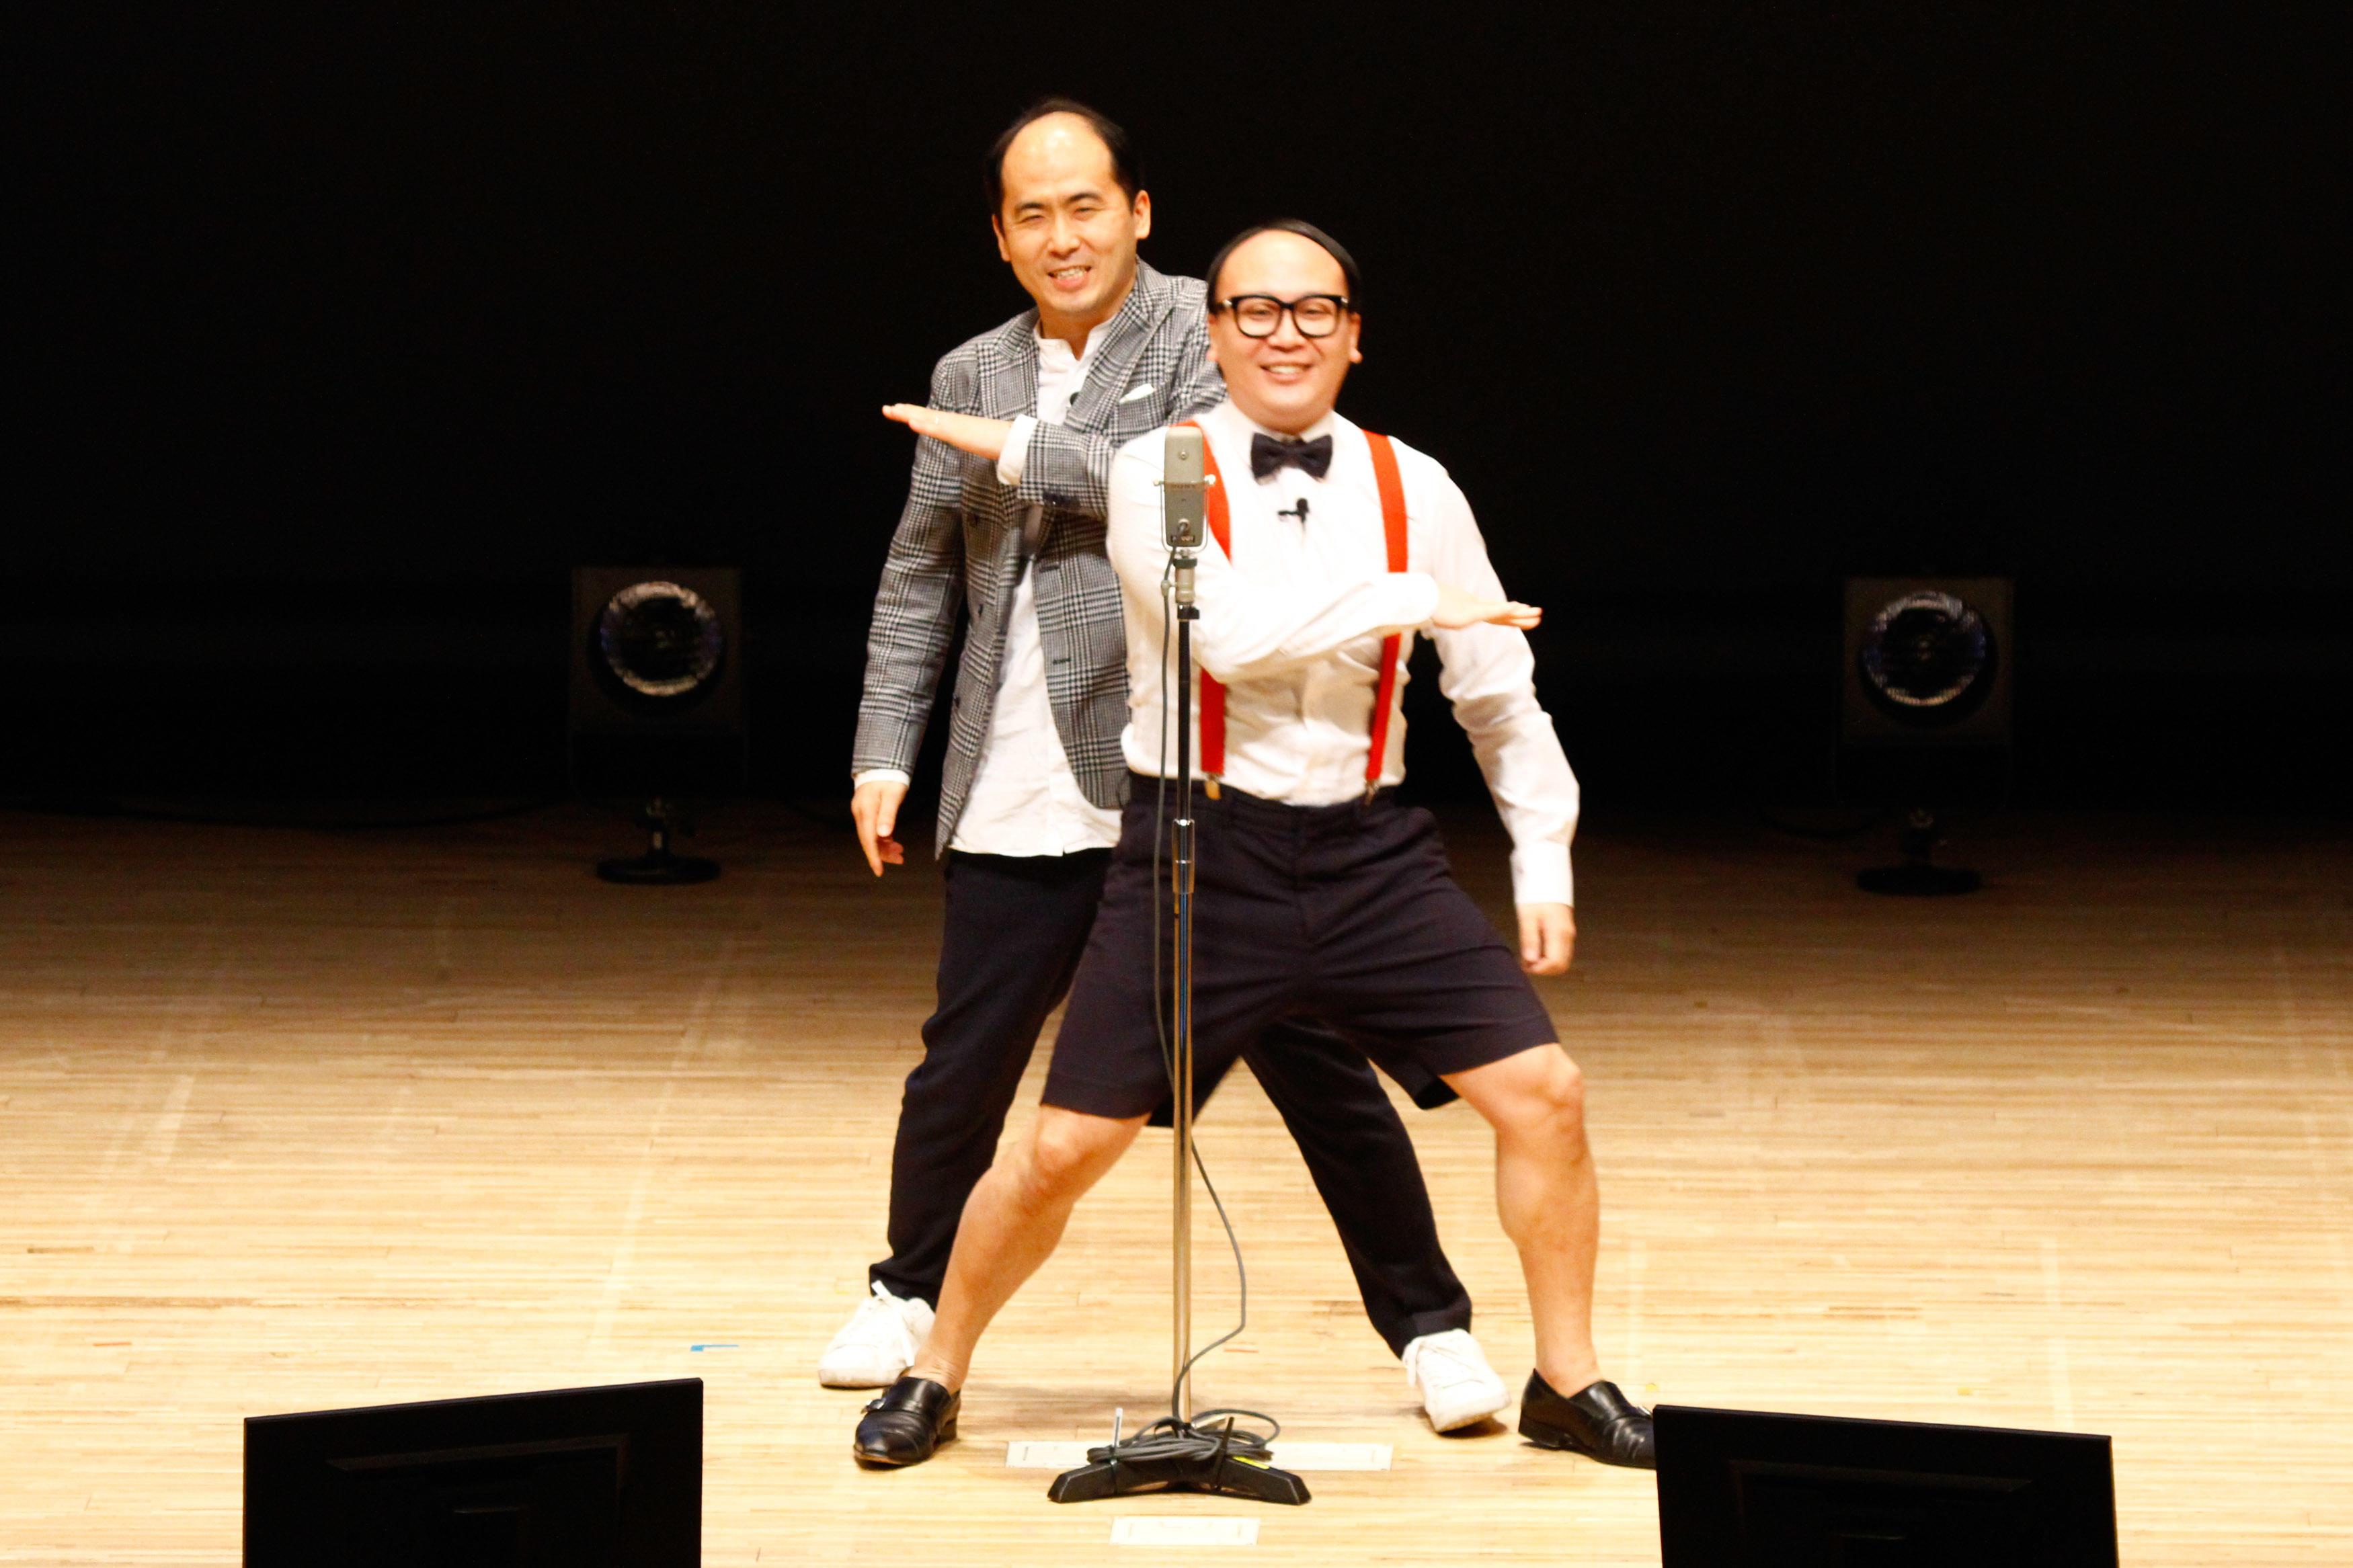 http://news.yoshimoto.co.jp/20190131224551-990c9b0edb7fd29eec2d9f503085552908a265cb.jpg